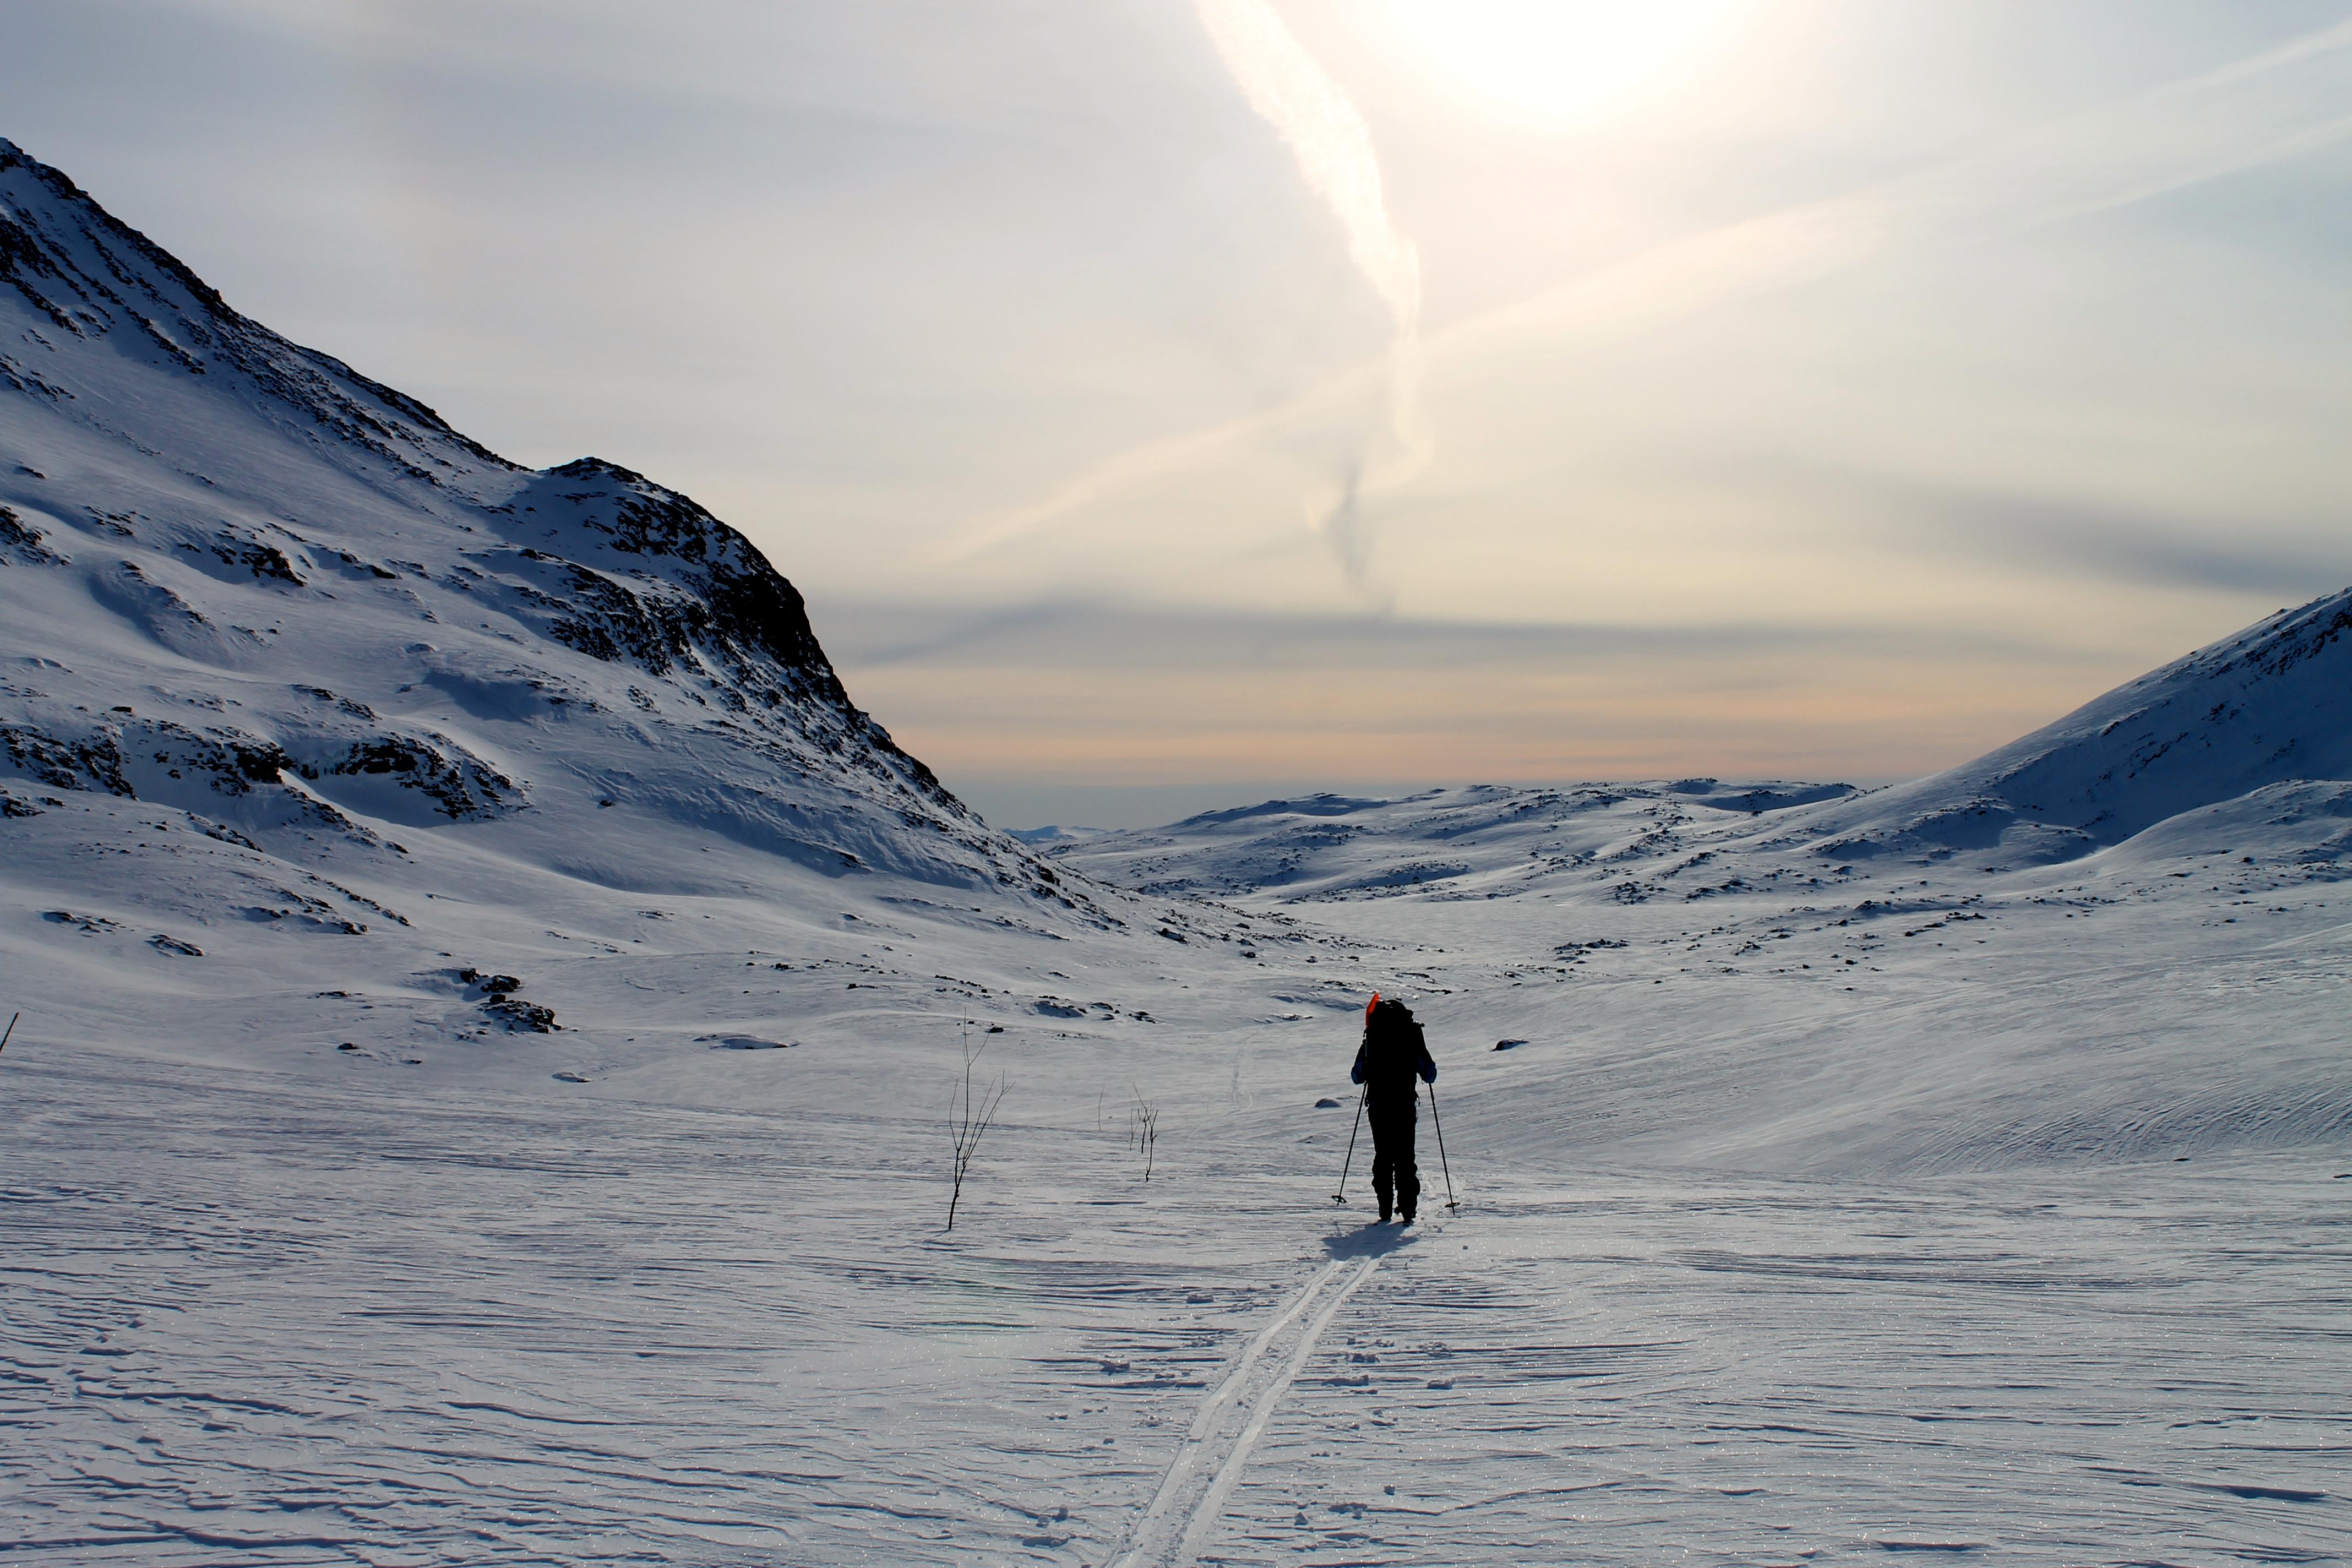 Turen mellom Eidsbugarden og Olavsbu er en fin skitur.